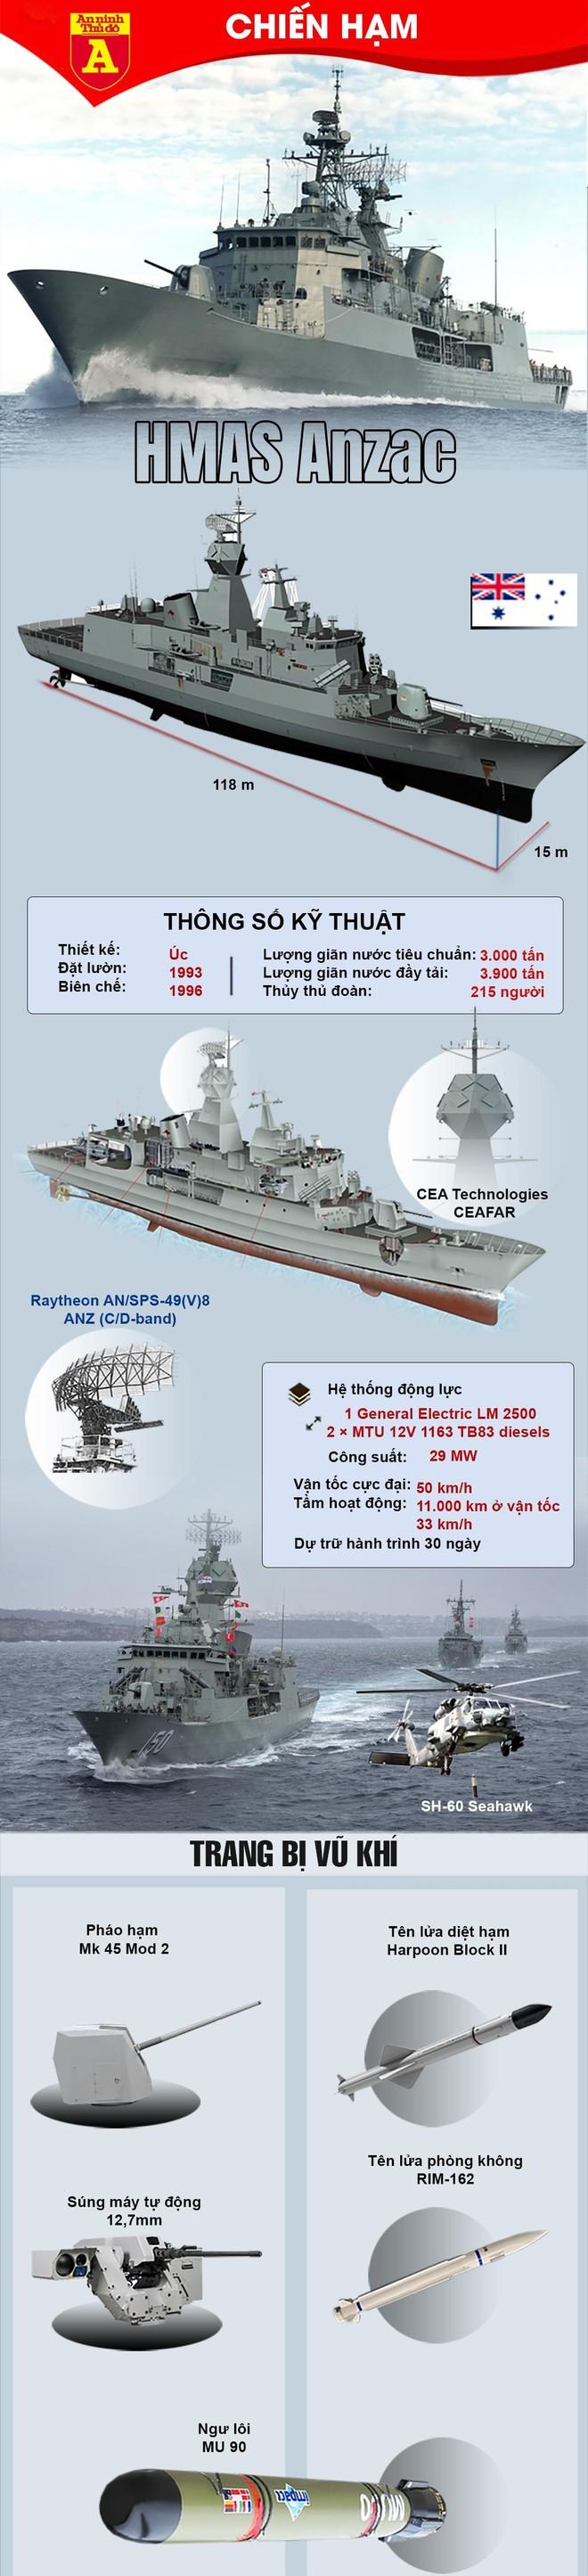 [Info] Chiến hạm cực mạnh của Australia vừa cập cảng Cam Ranh ảnh 2